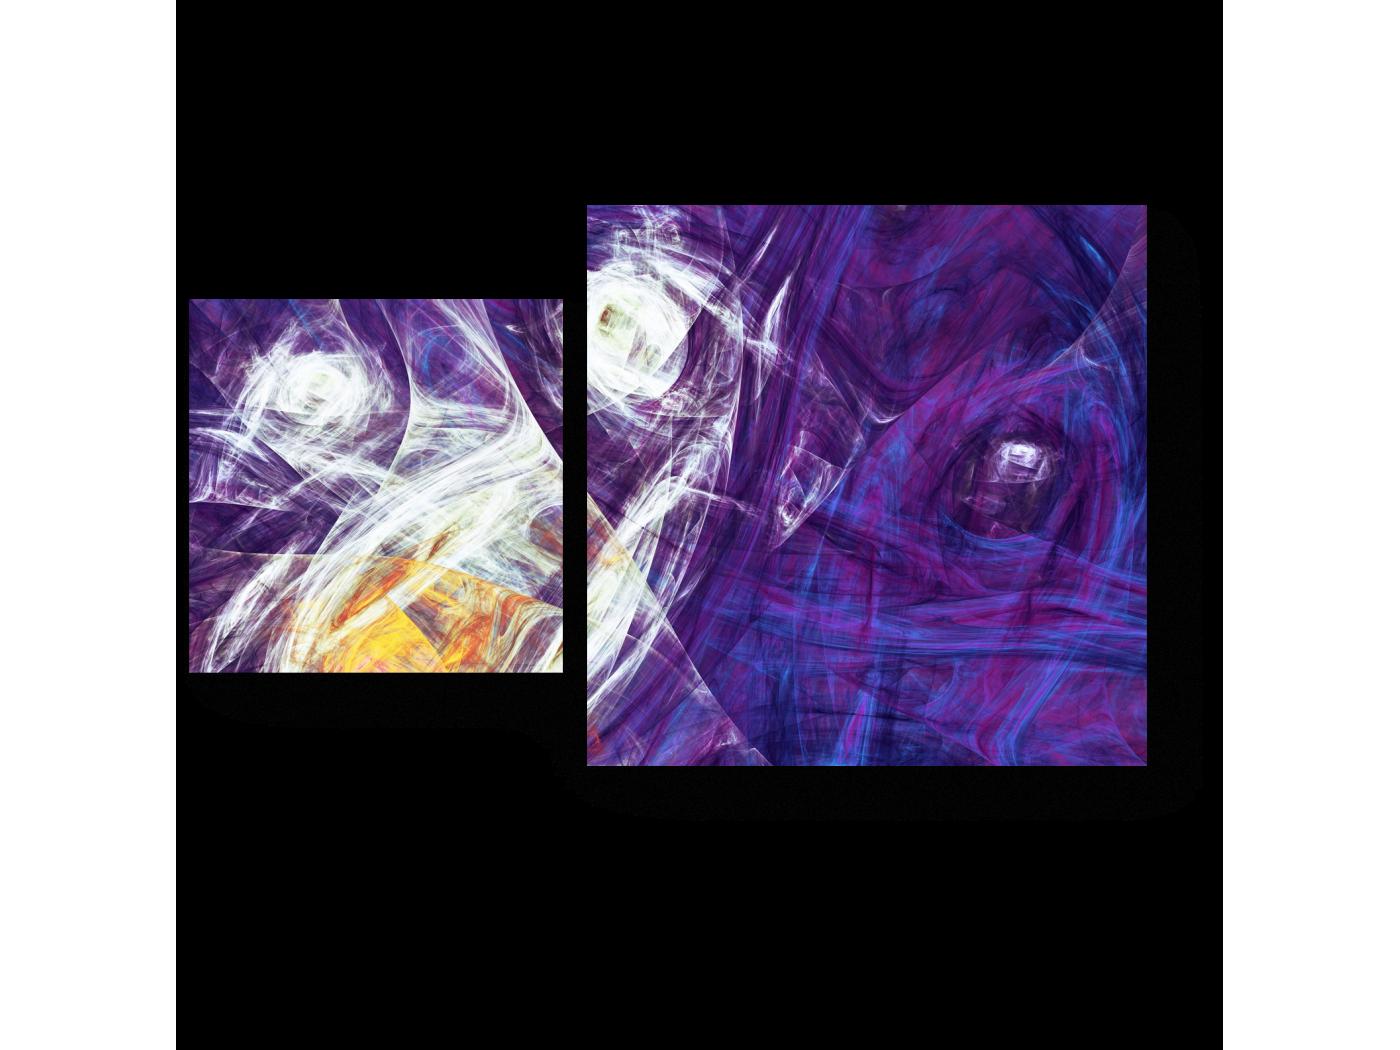 Модульная картина Подснежники (50x30) фото